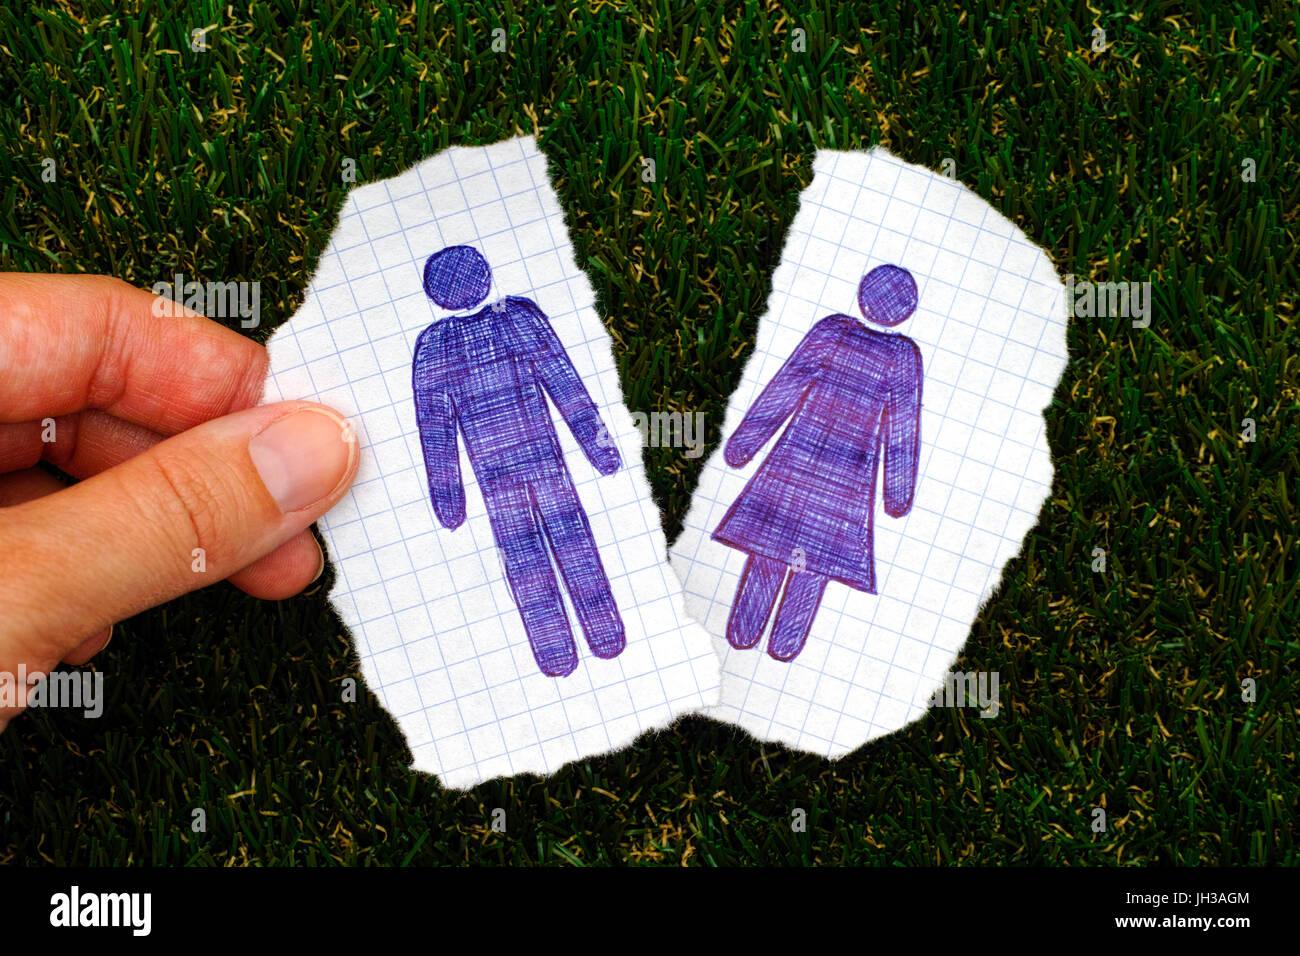 Femme tenant les doigts feuille de papier, l'homme figure à la main. Autre feuille de papier, appelée Photo Stock